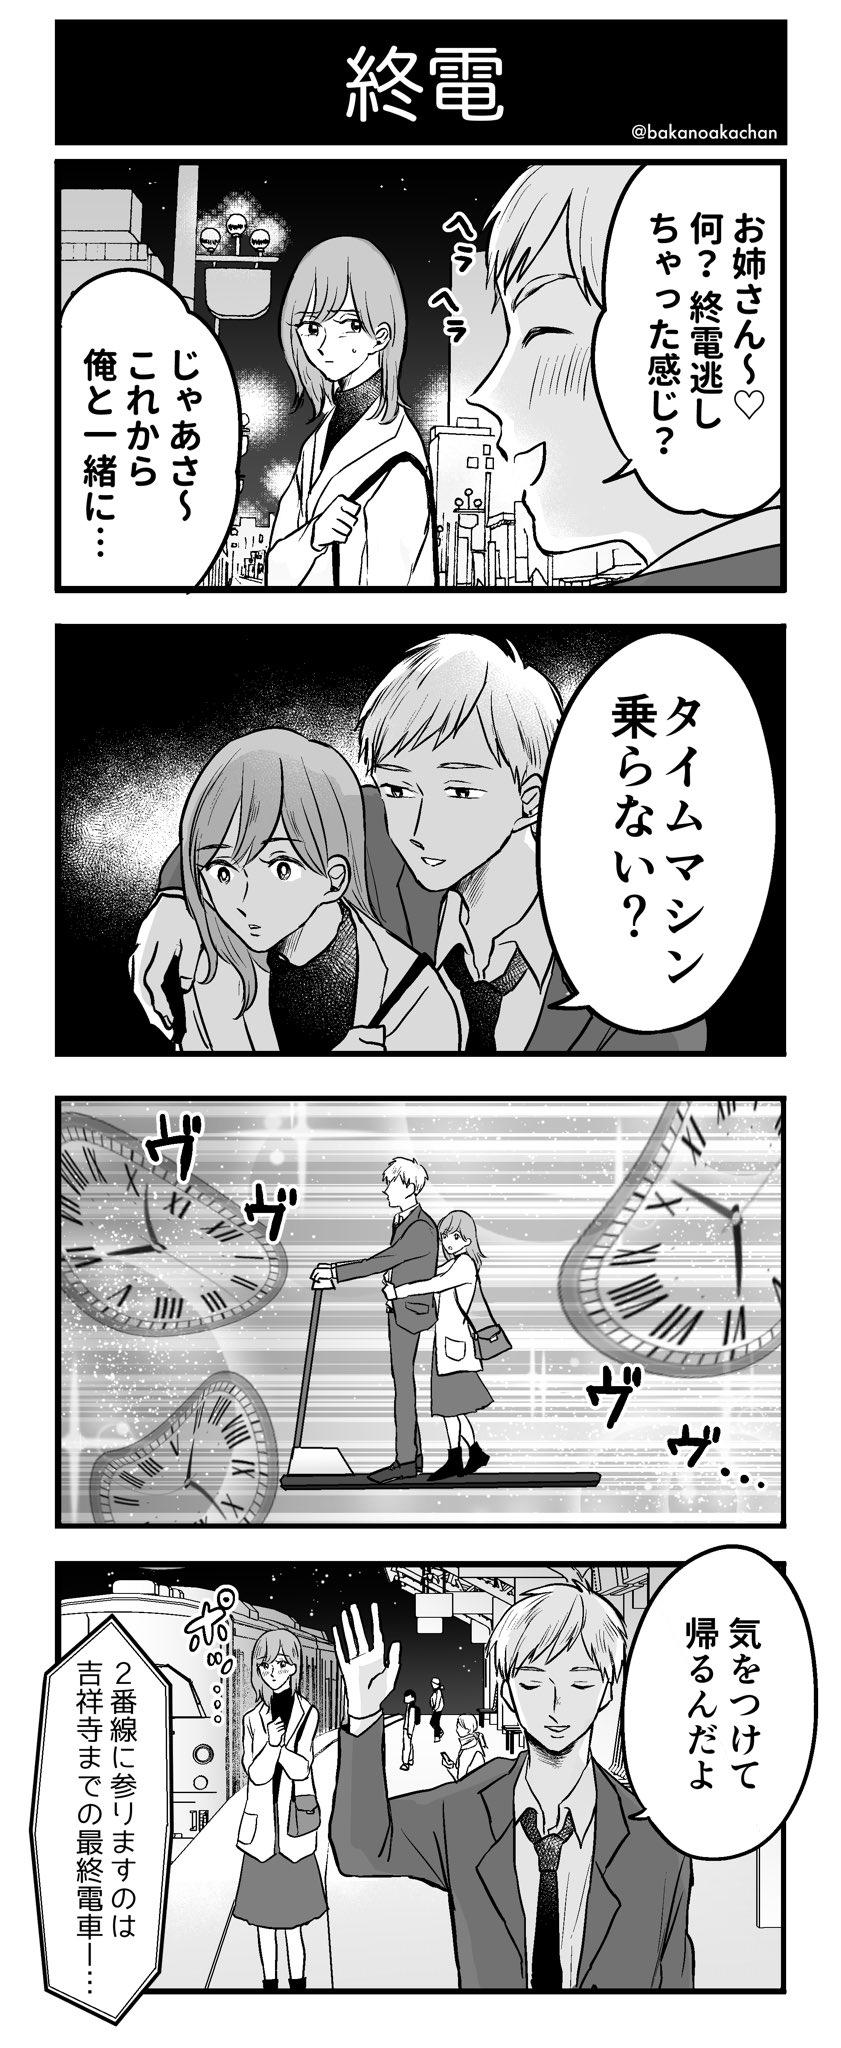 4コマ漫画『終電』